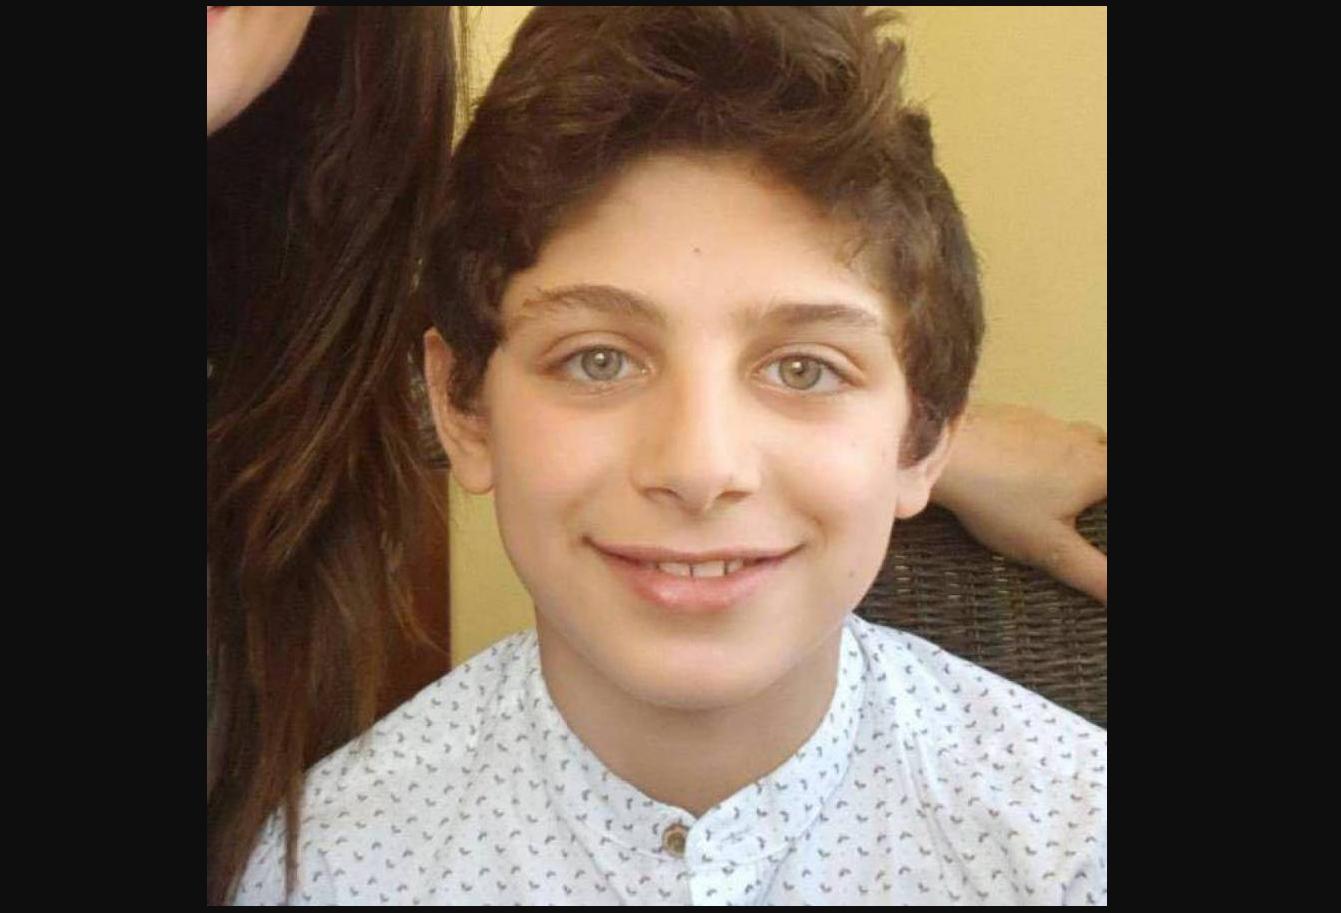 """مايكل ابن الـ 10 سنوات كان يلعب ويضحك حتى اشتكى من ألم شديد في رأسه انتهى بحالة إغماء وغيبوبة... الأهل بانتظار """"معجزة"""""""